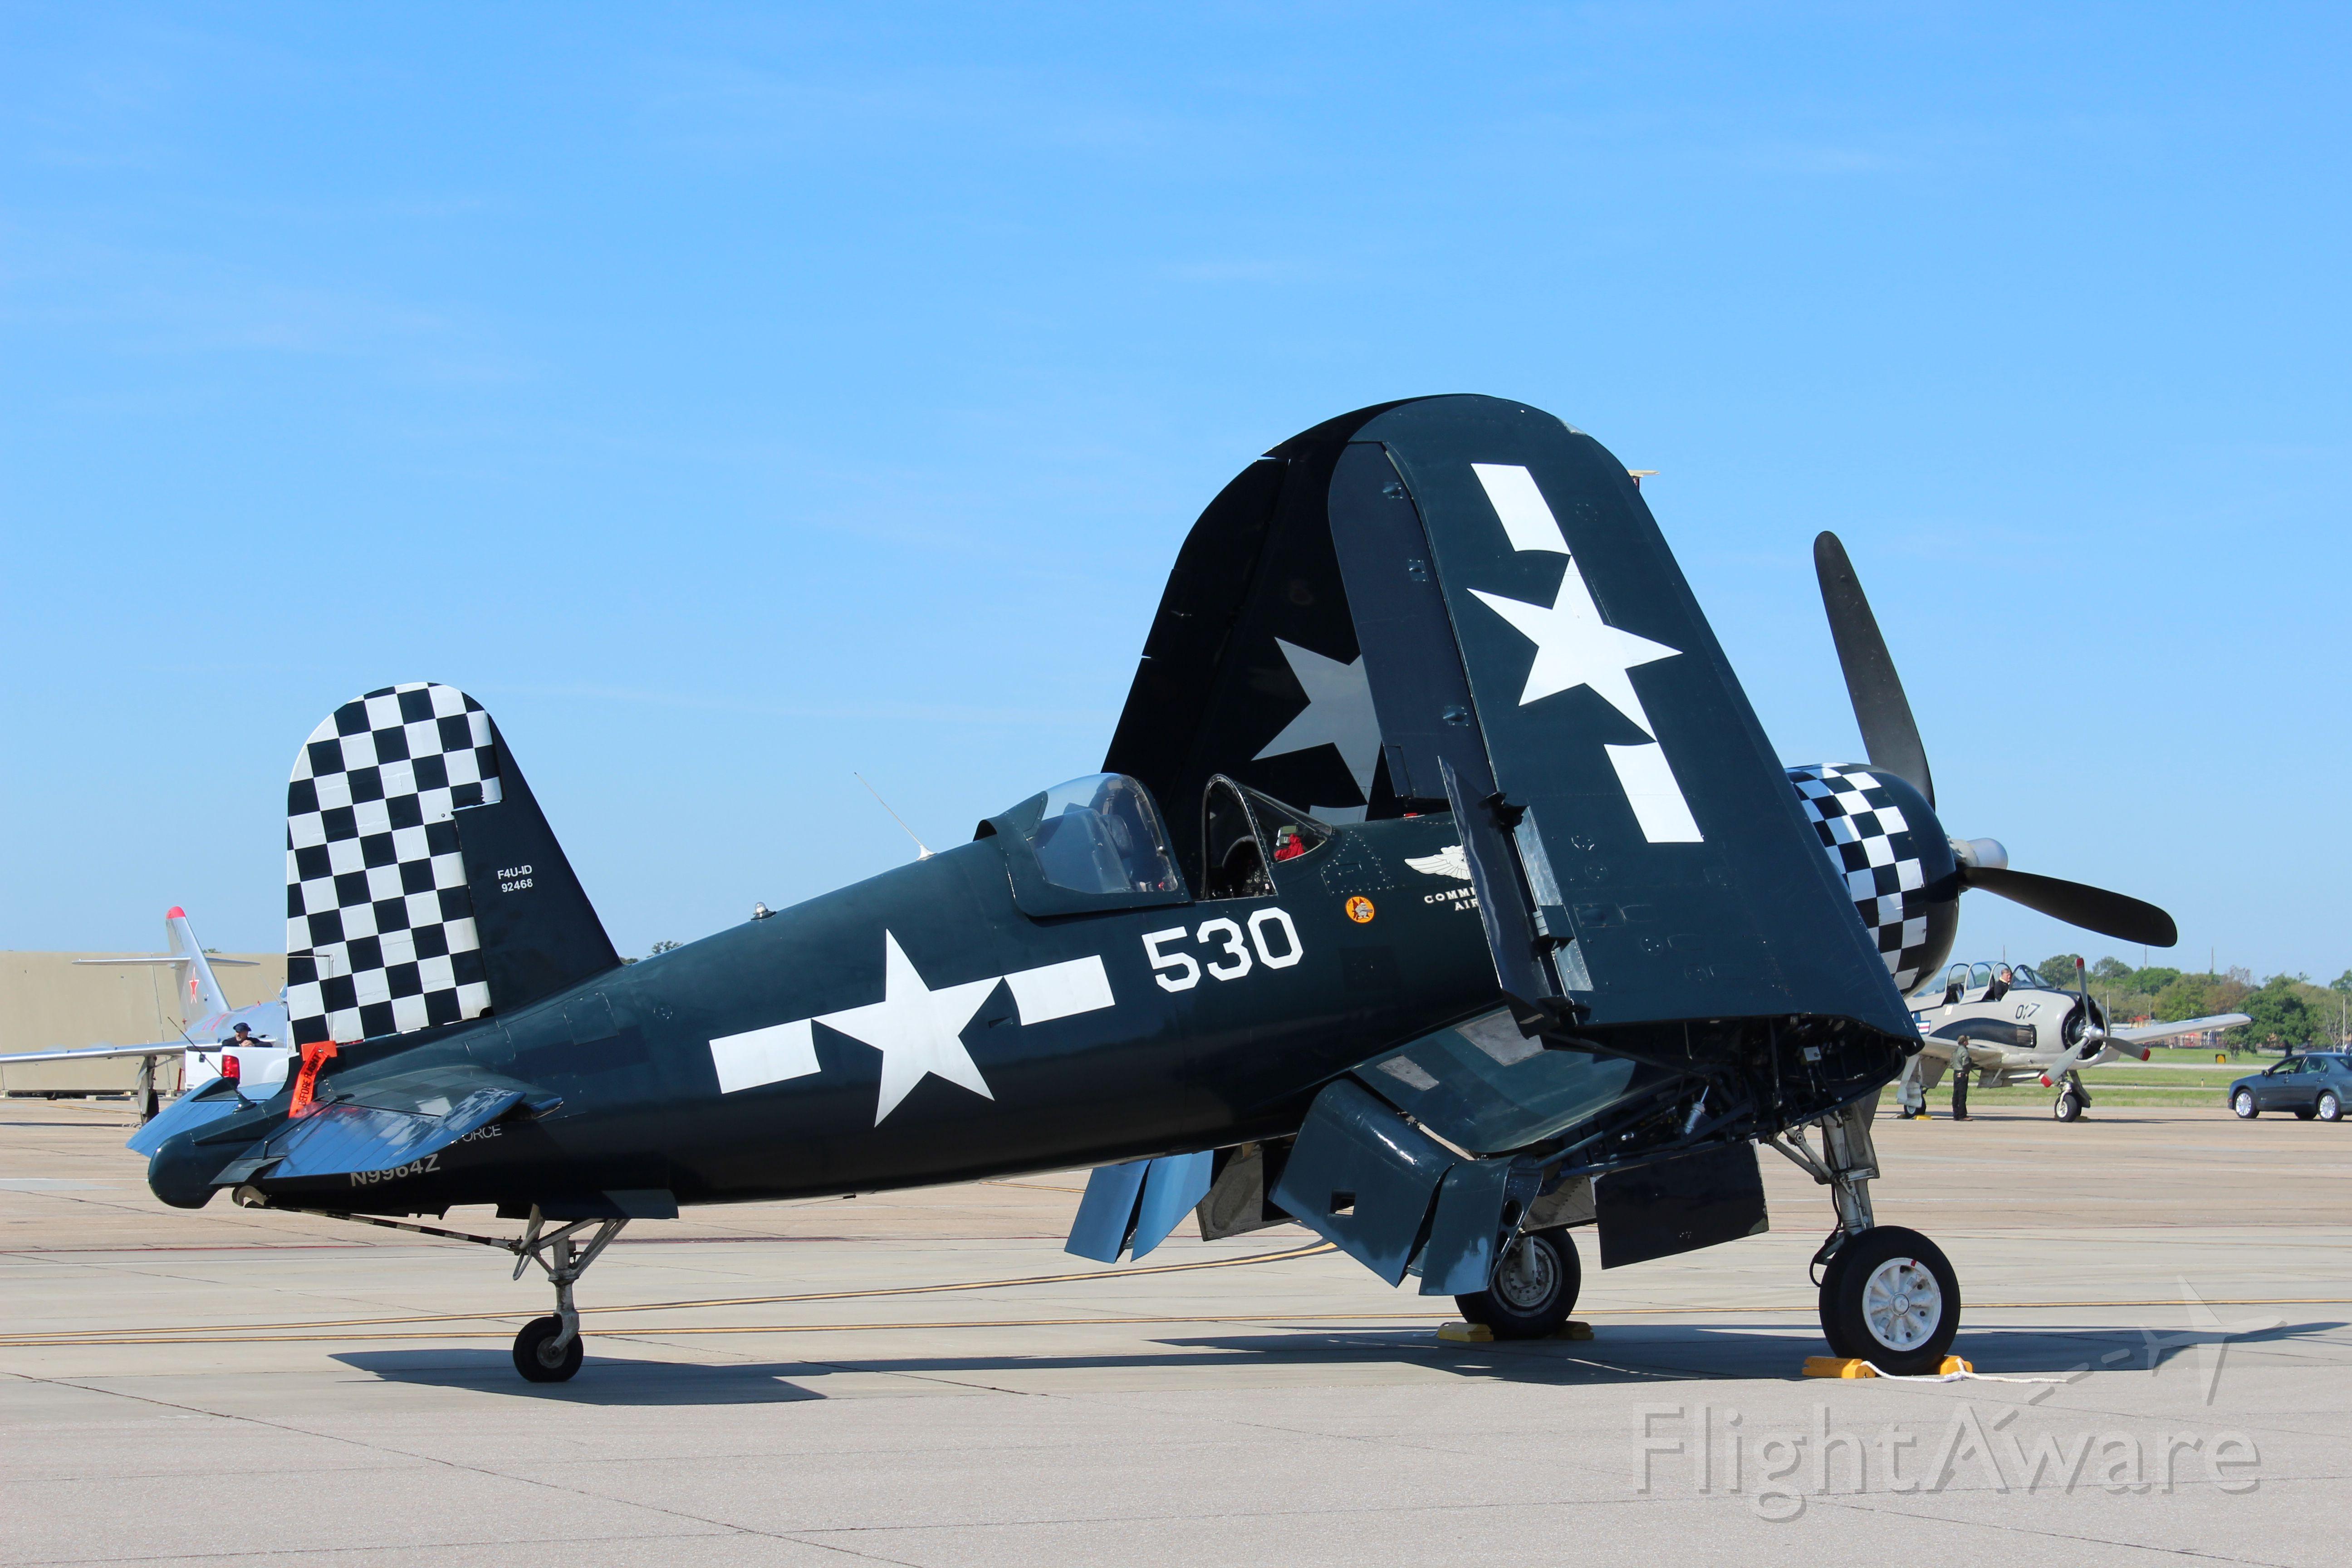 VOUGHT-SIKORSKY V-166 Corsair (N9964Z)